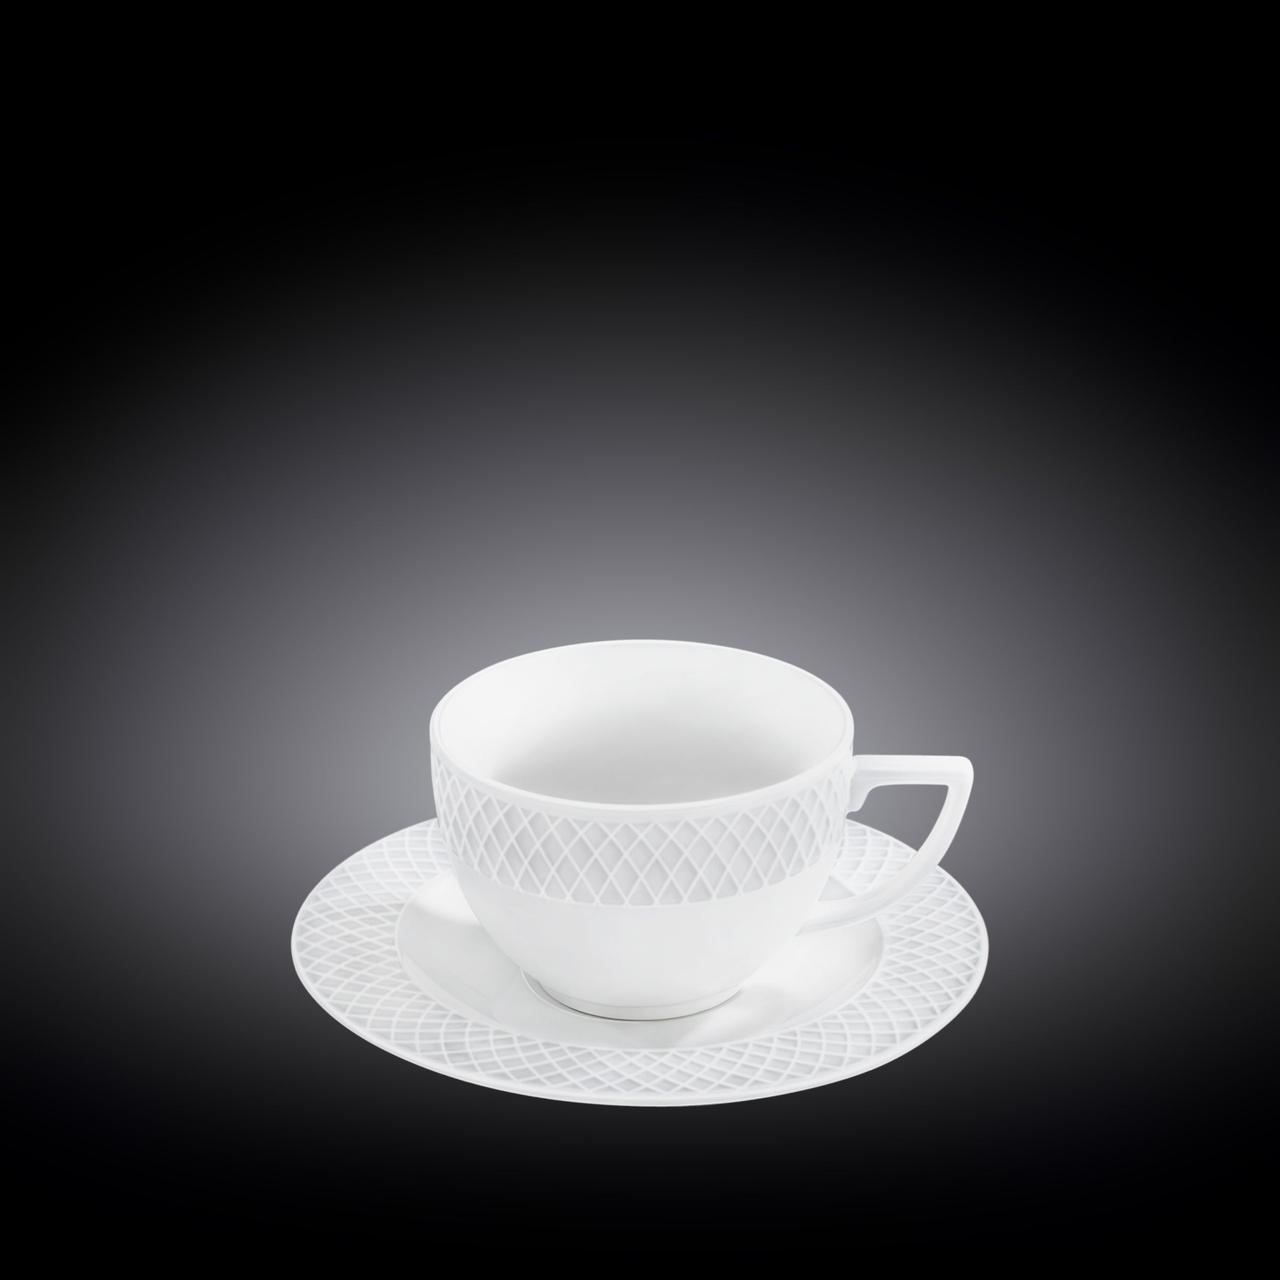 Чашка чайная и блюдце Wilmax  240мл WL-880105 / AB, Julia